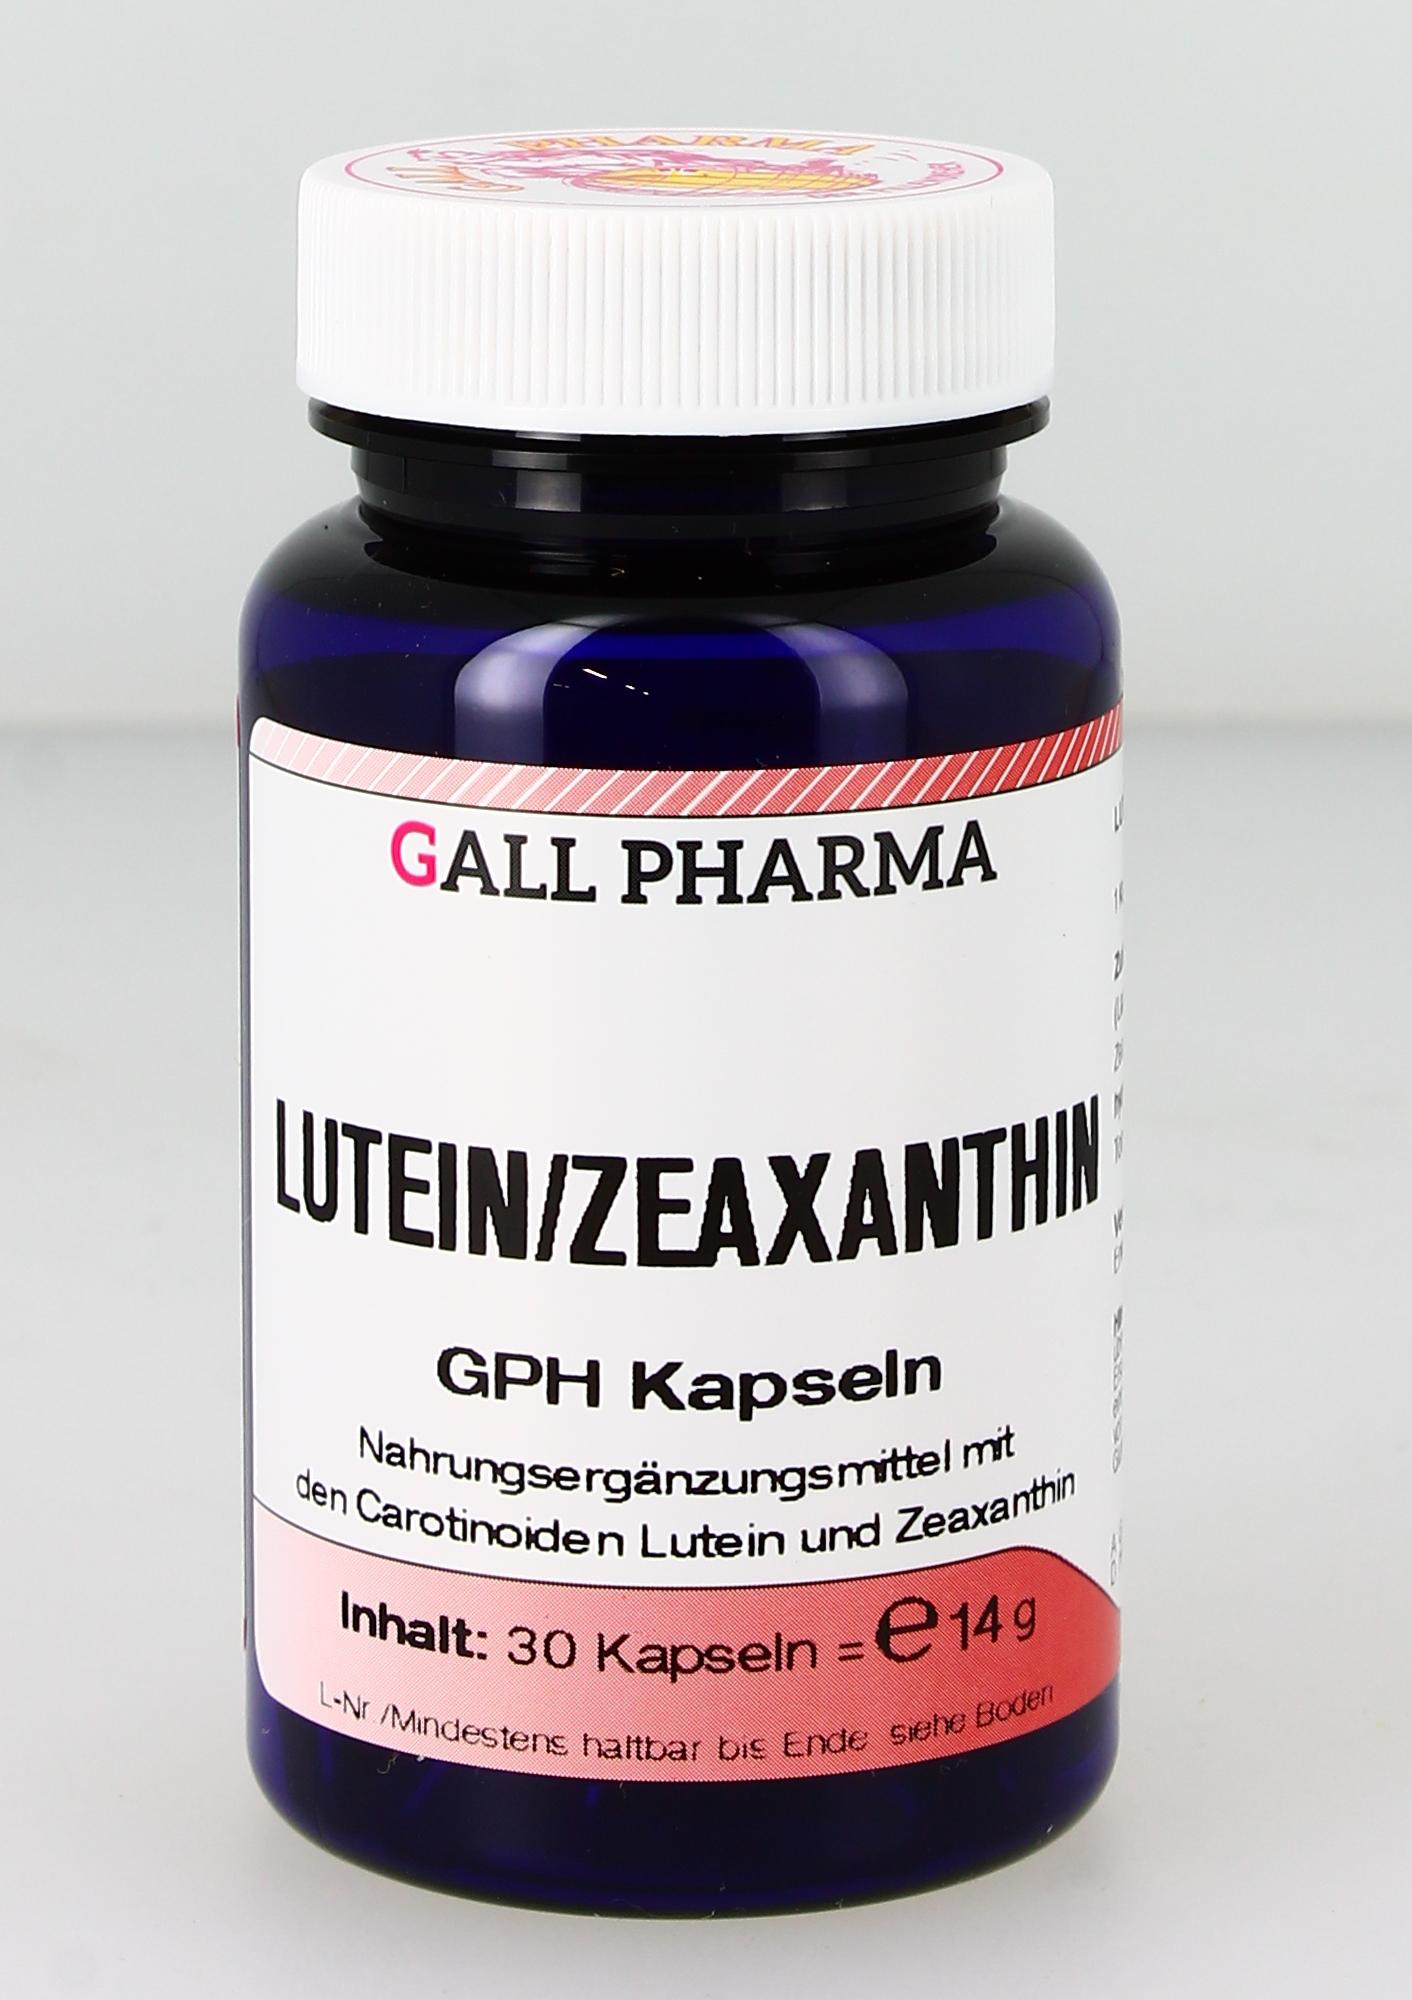 Lutein/Zeaxanthin 1:1 GPH Kapseln